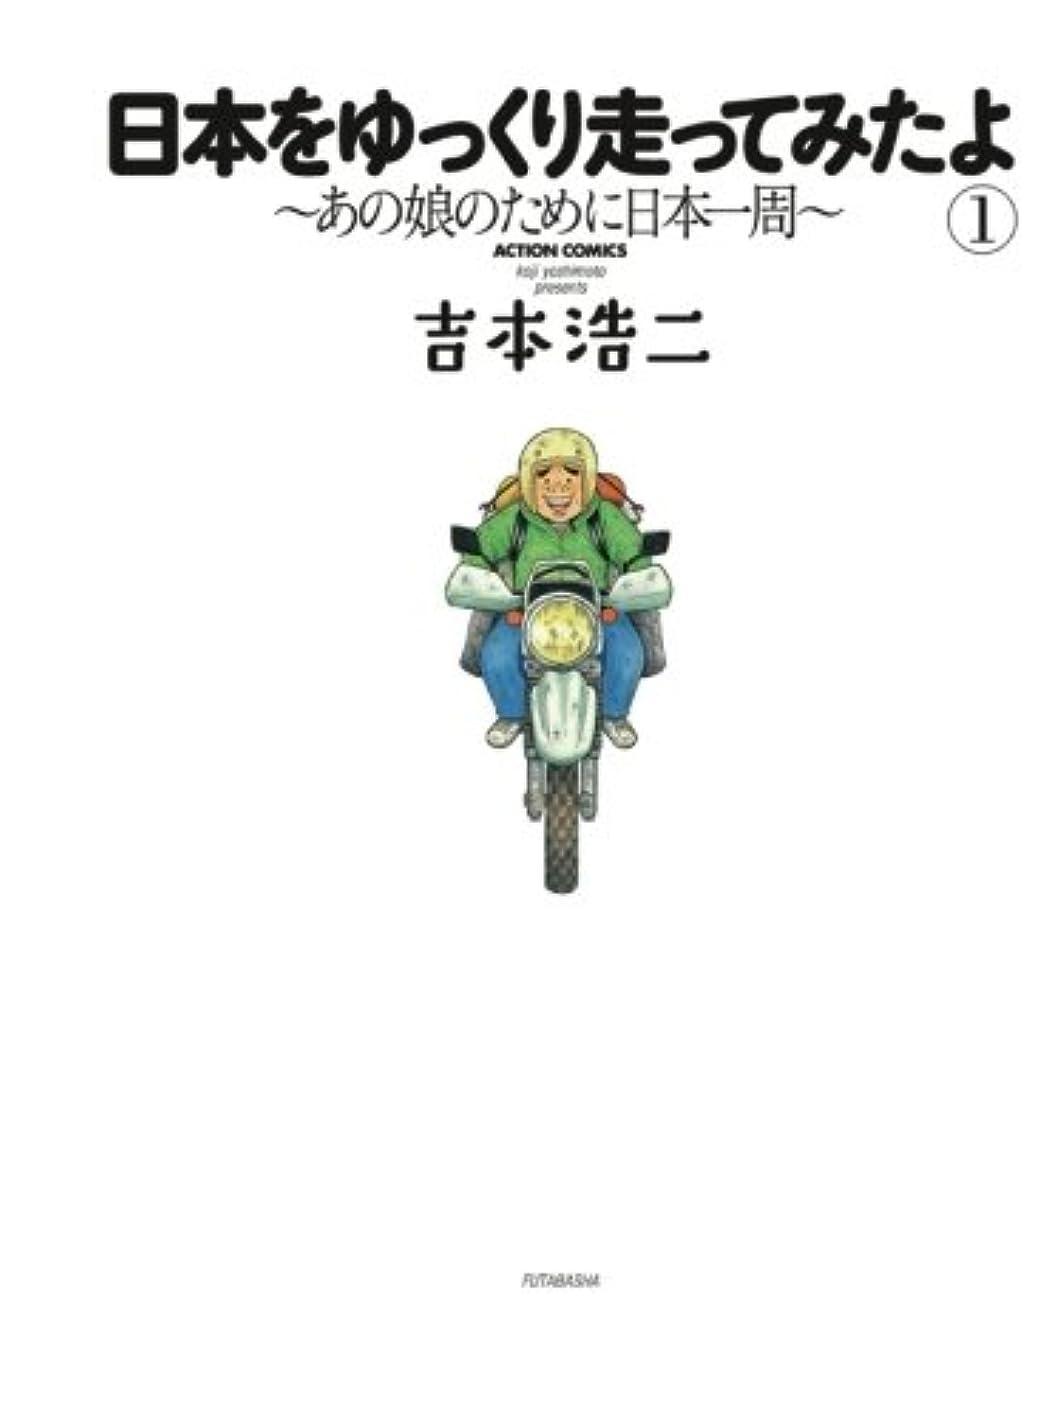 建物撤退提案日本をゆっくり走ってみたよ(1) (漫画アクション)